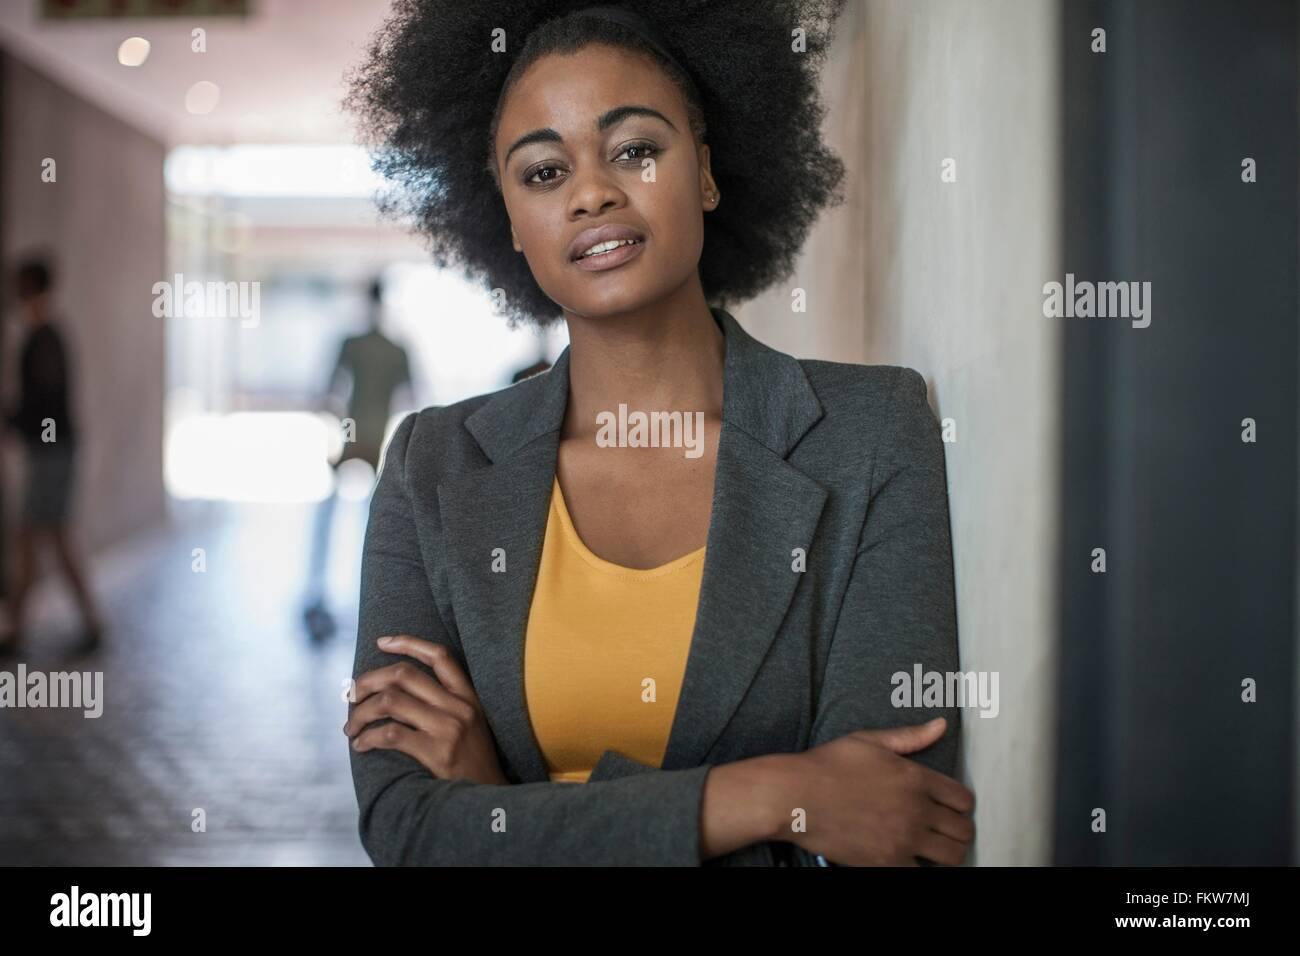 Porträt von überzeugt junge Unternehmerinnen Büro an der Wand gelehnt Stockfoto